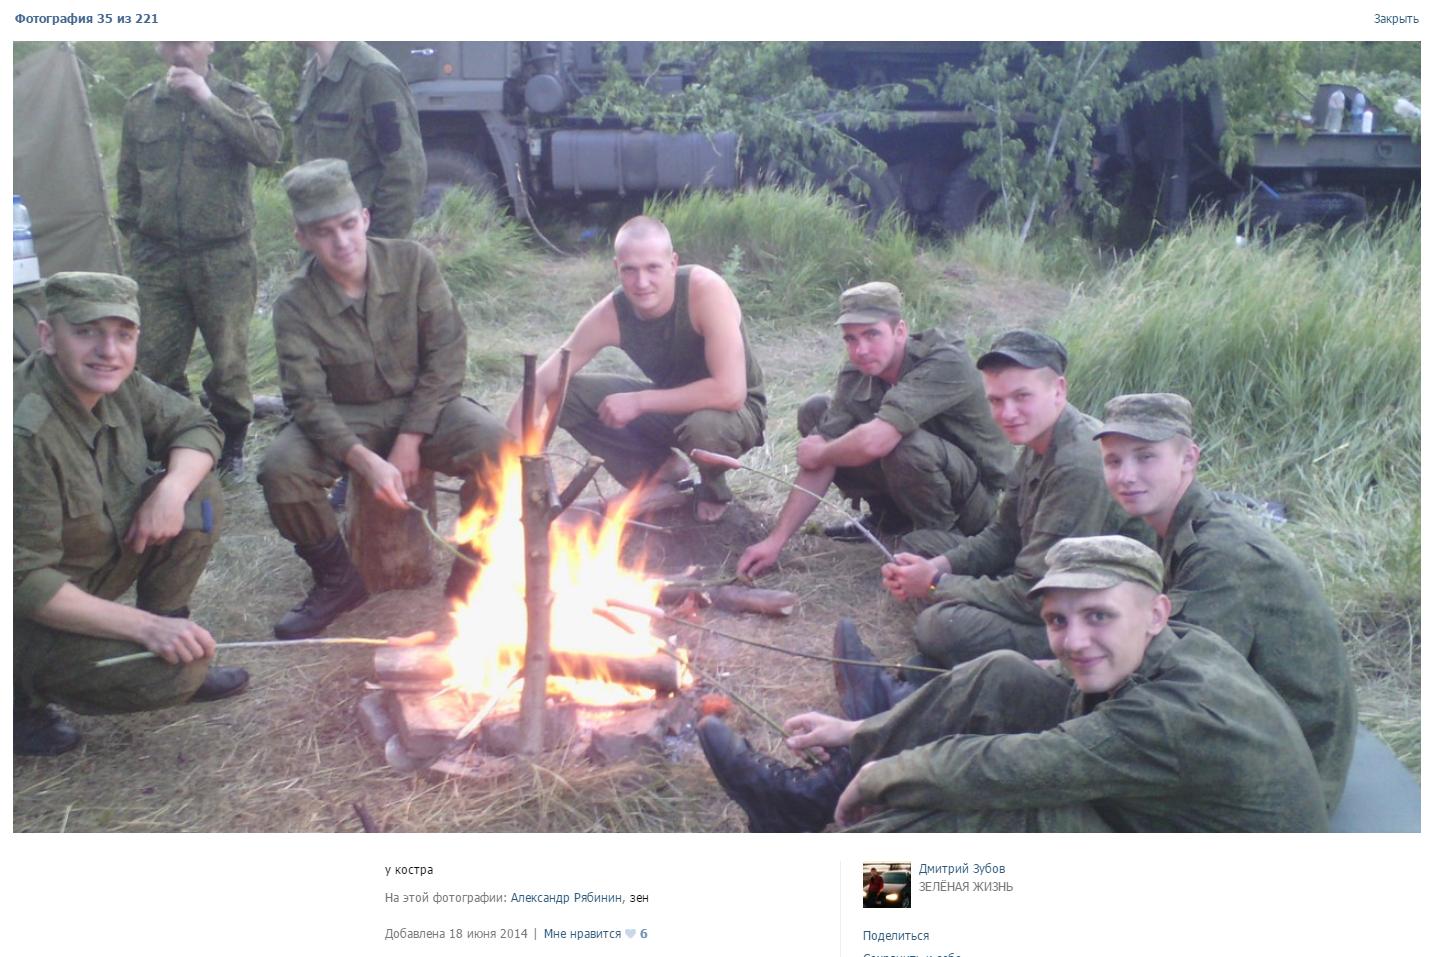 Украинские воины не покинут Широкино, пока террористы не прекратят обстрелы, - спикер АТО - Цензор.НЕТ 2335